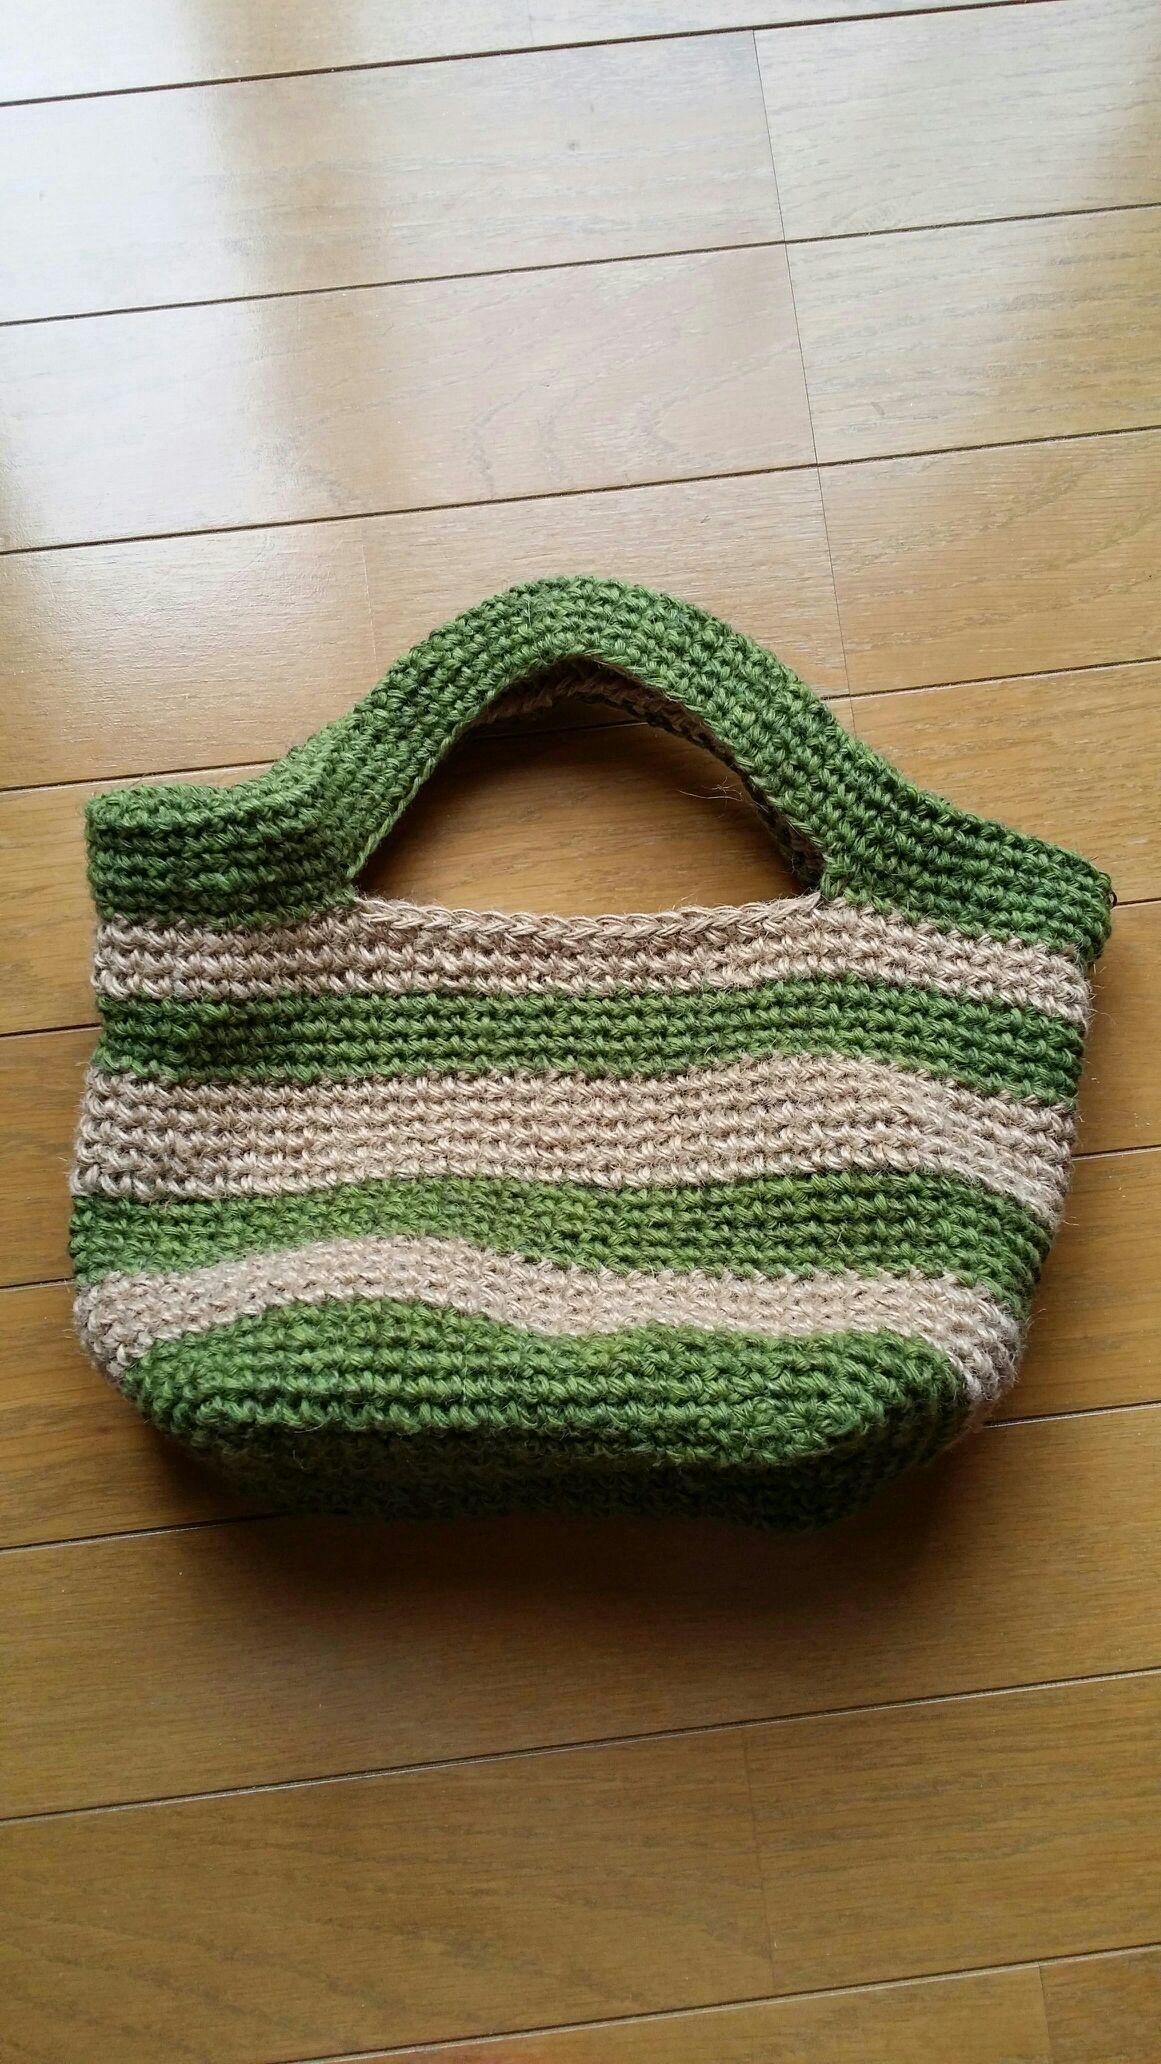 25b321dd248c 麻のボーダーバックの作り方|編み物|編み物・手芸・ソーイング|作品カテゴリ|アトリエ